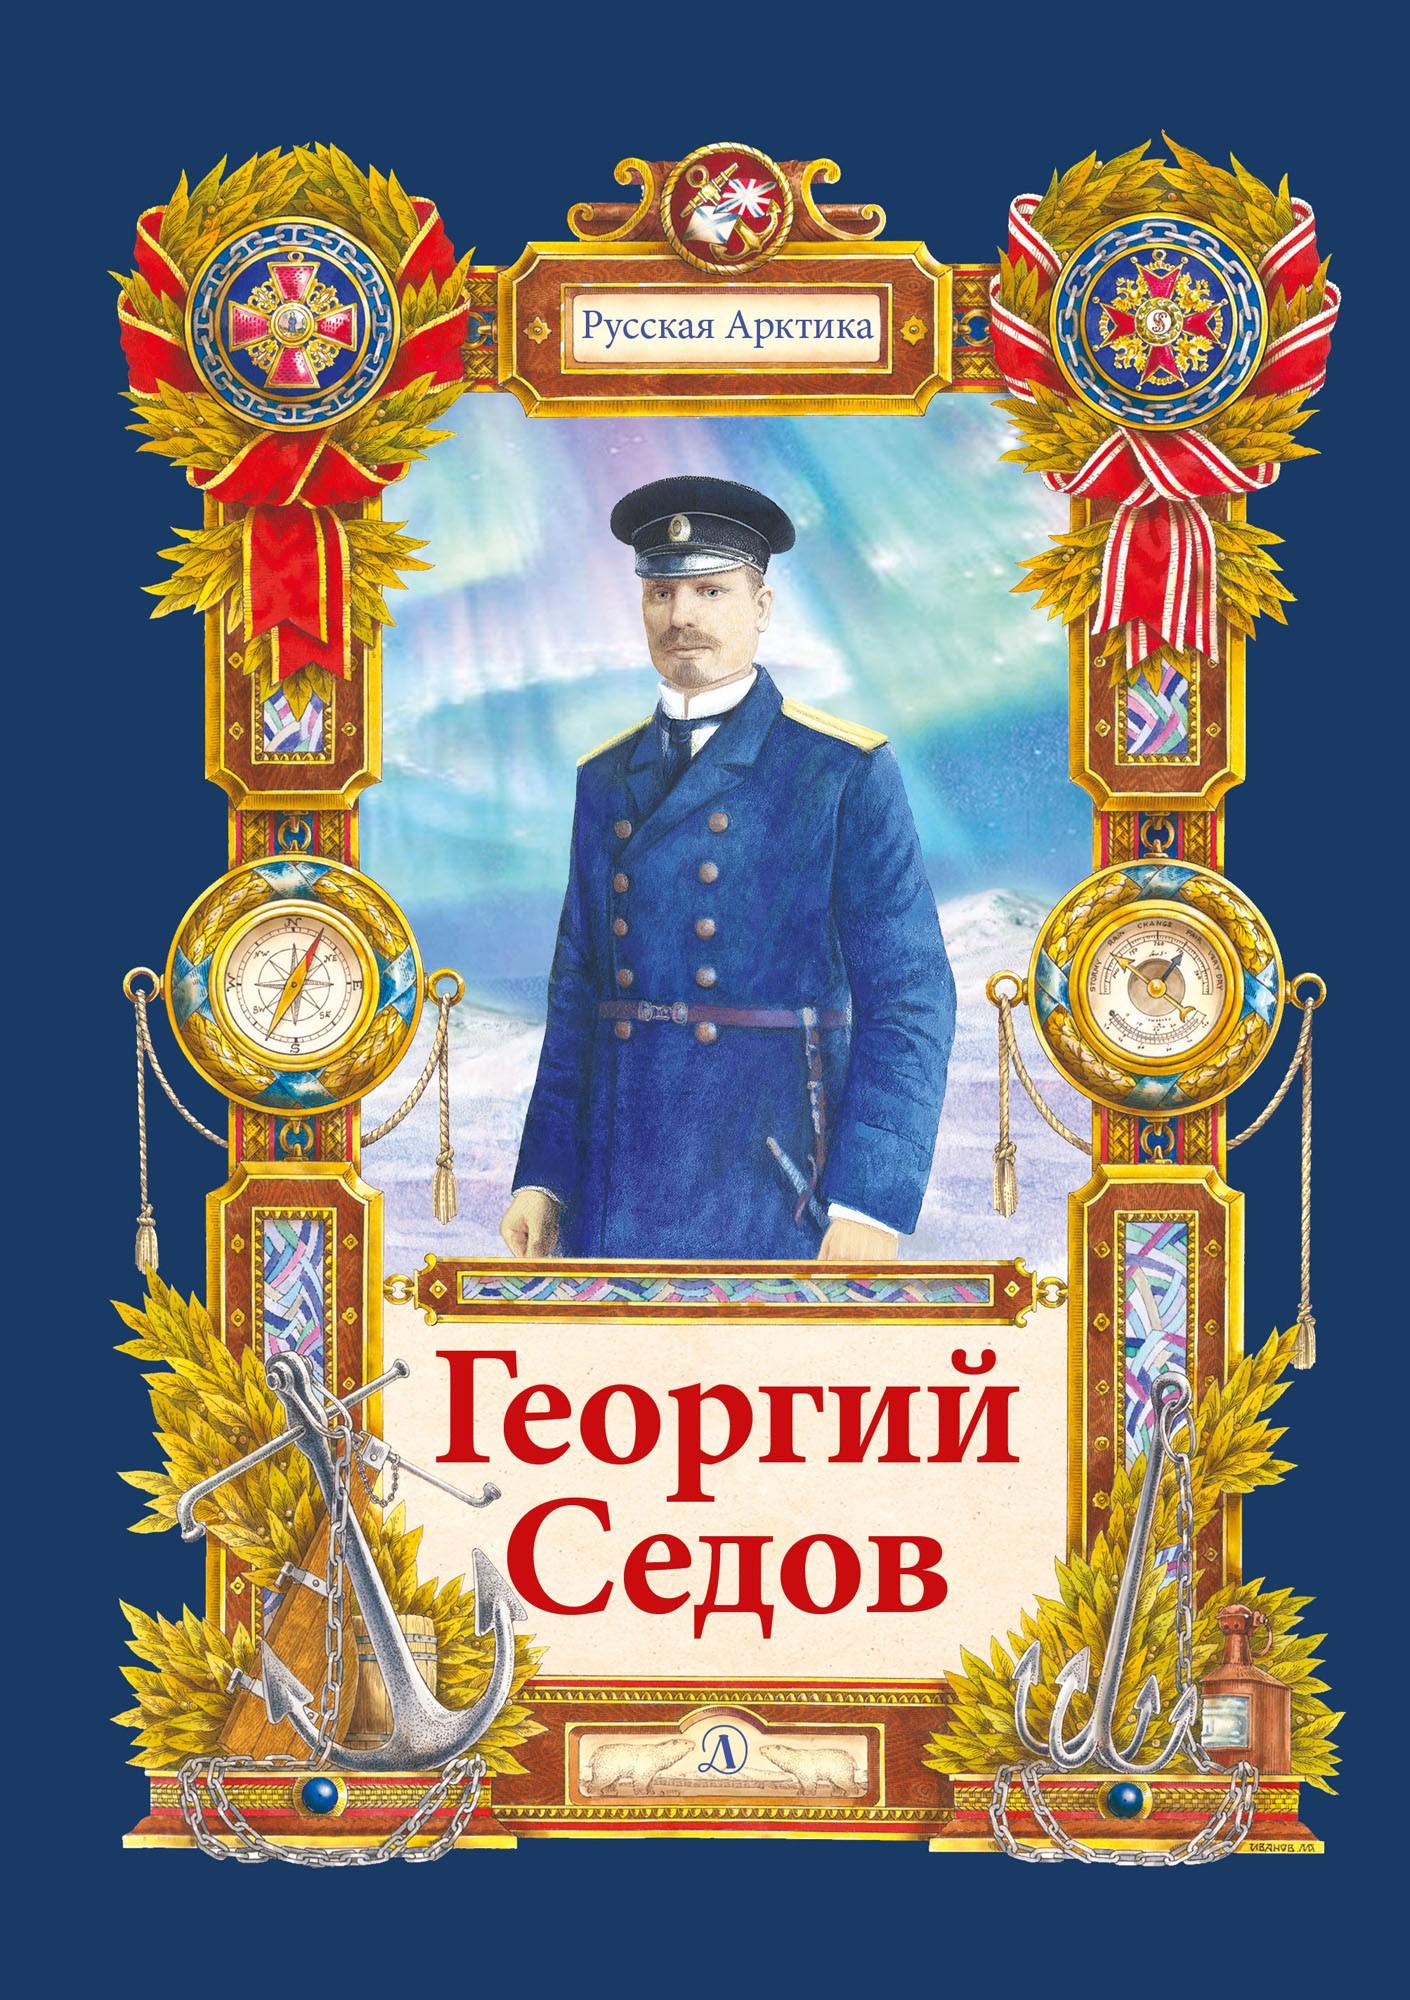 Николай Тюрин Георгий Седов. Гарантирую жизнью ирина стрелкова во славу отечества